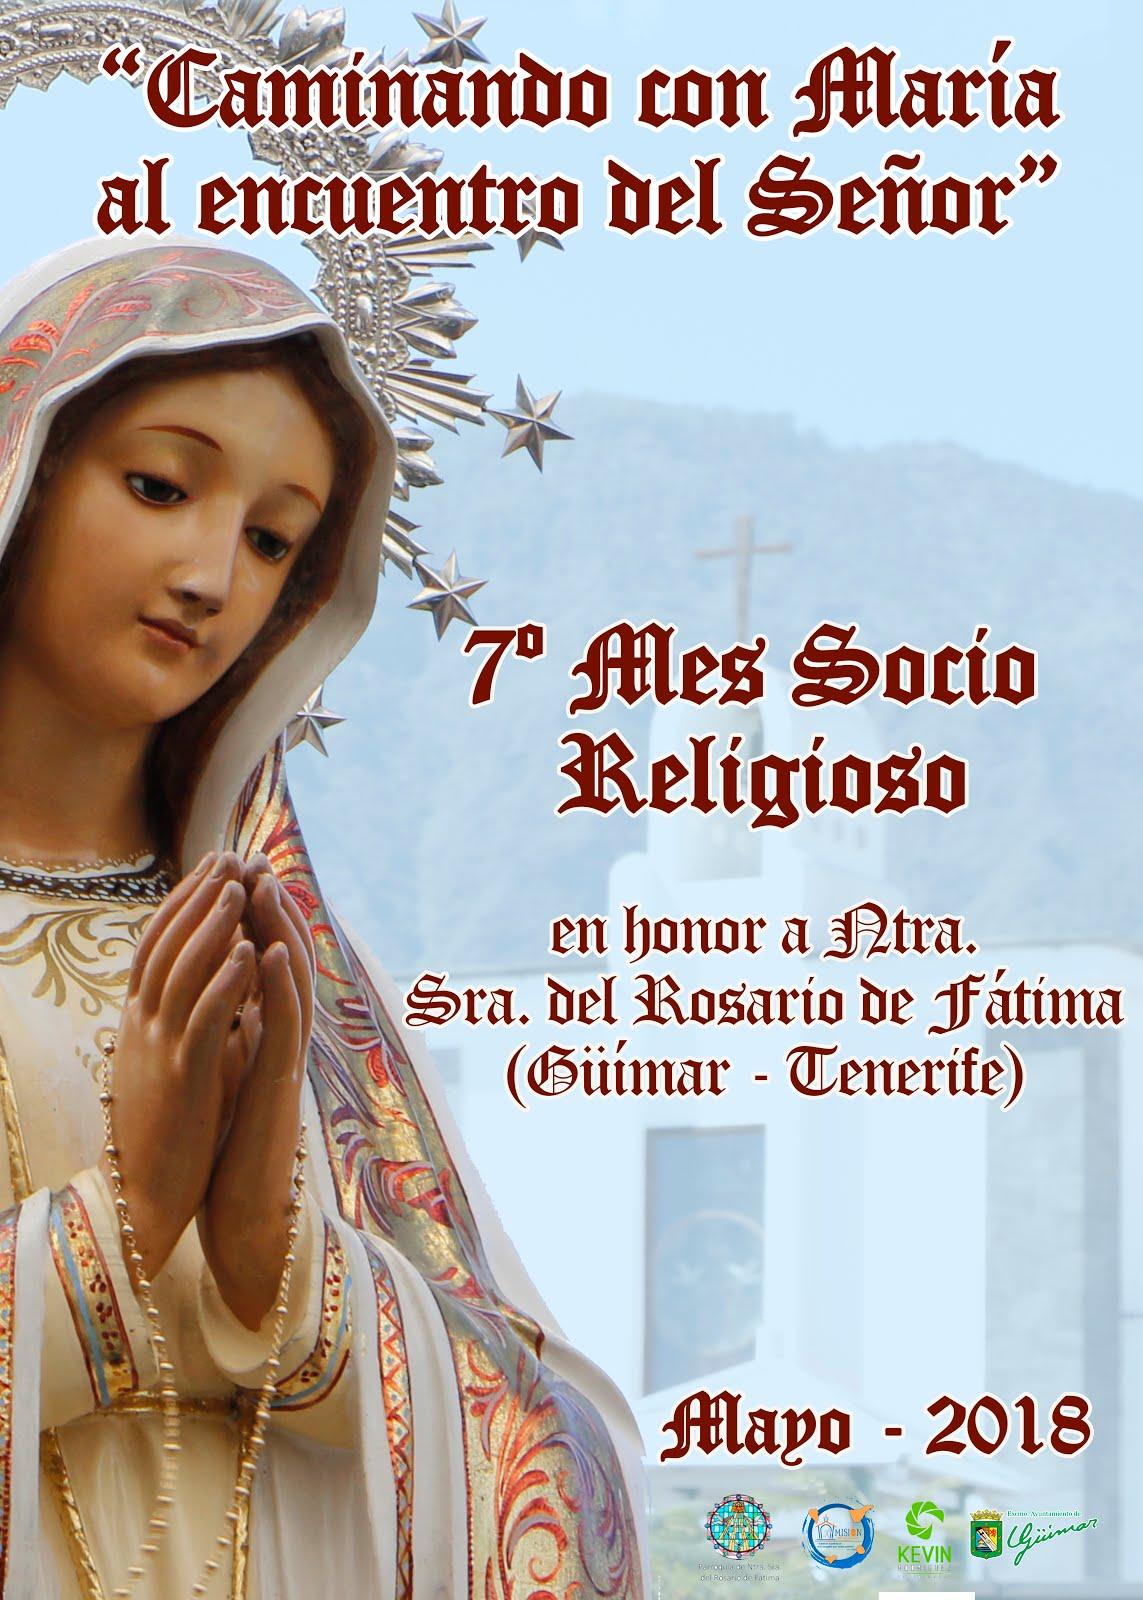 VII mes Socio Religioso en honor a Ntra. Sra. del Rosario de Fátima.